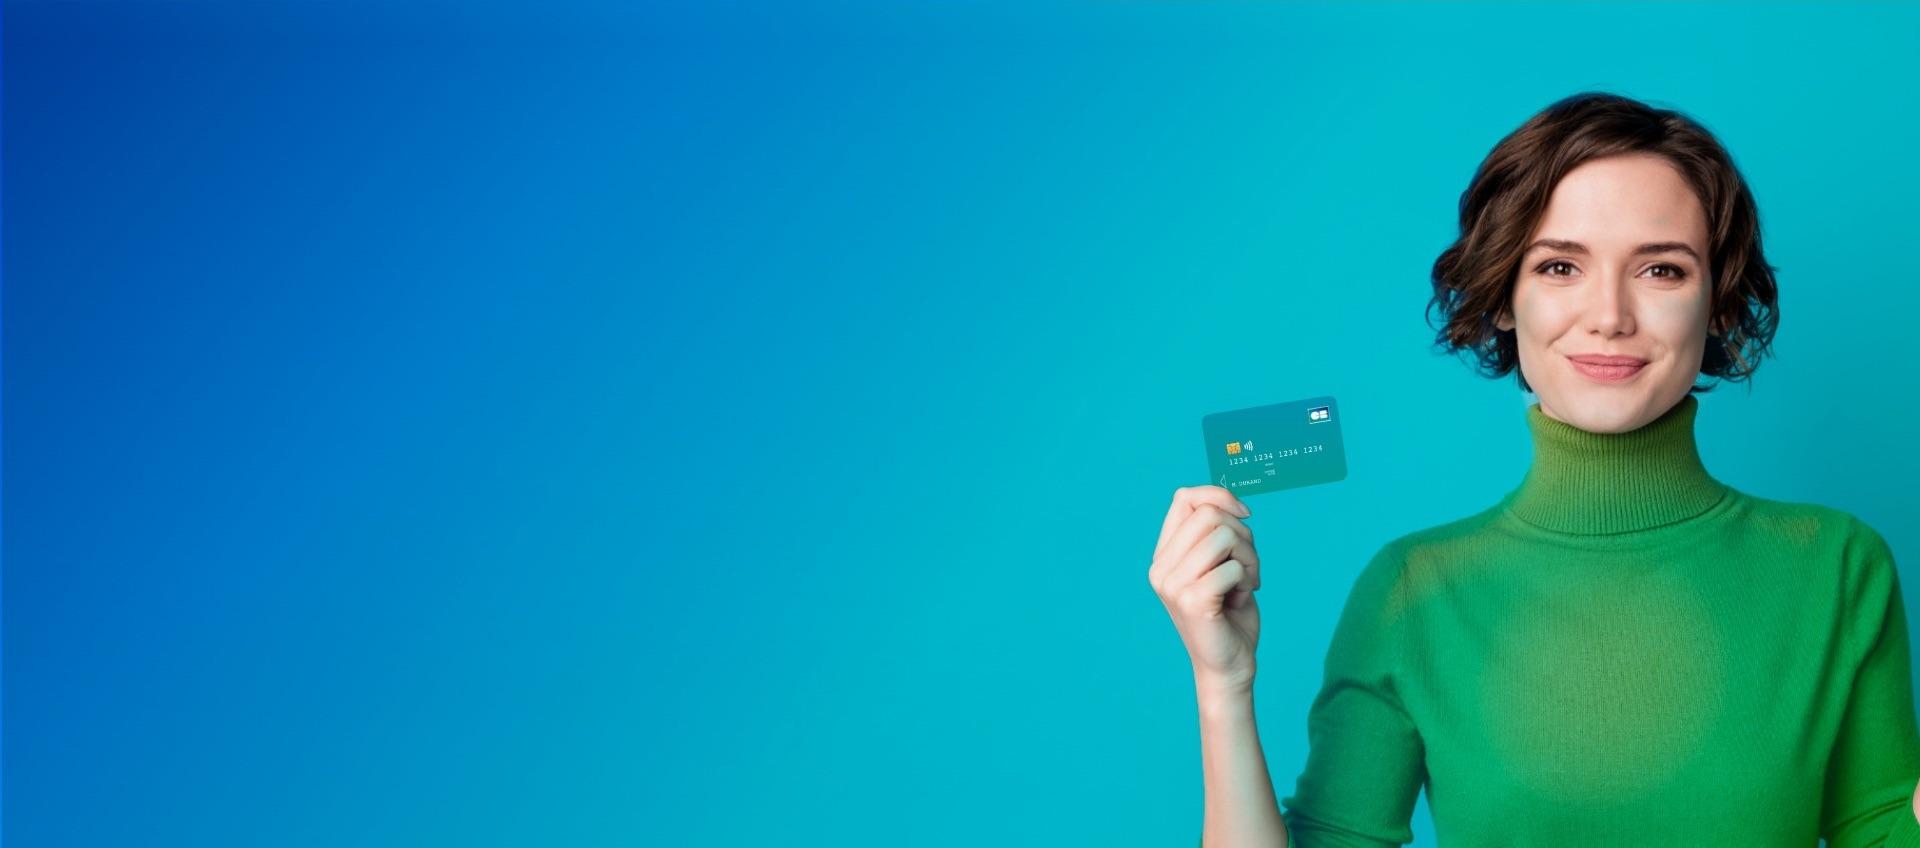 Femme souriante tenant une carte bancaire